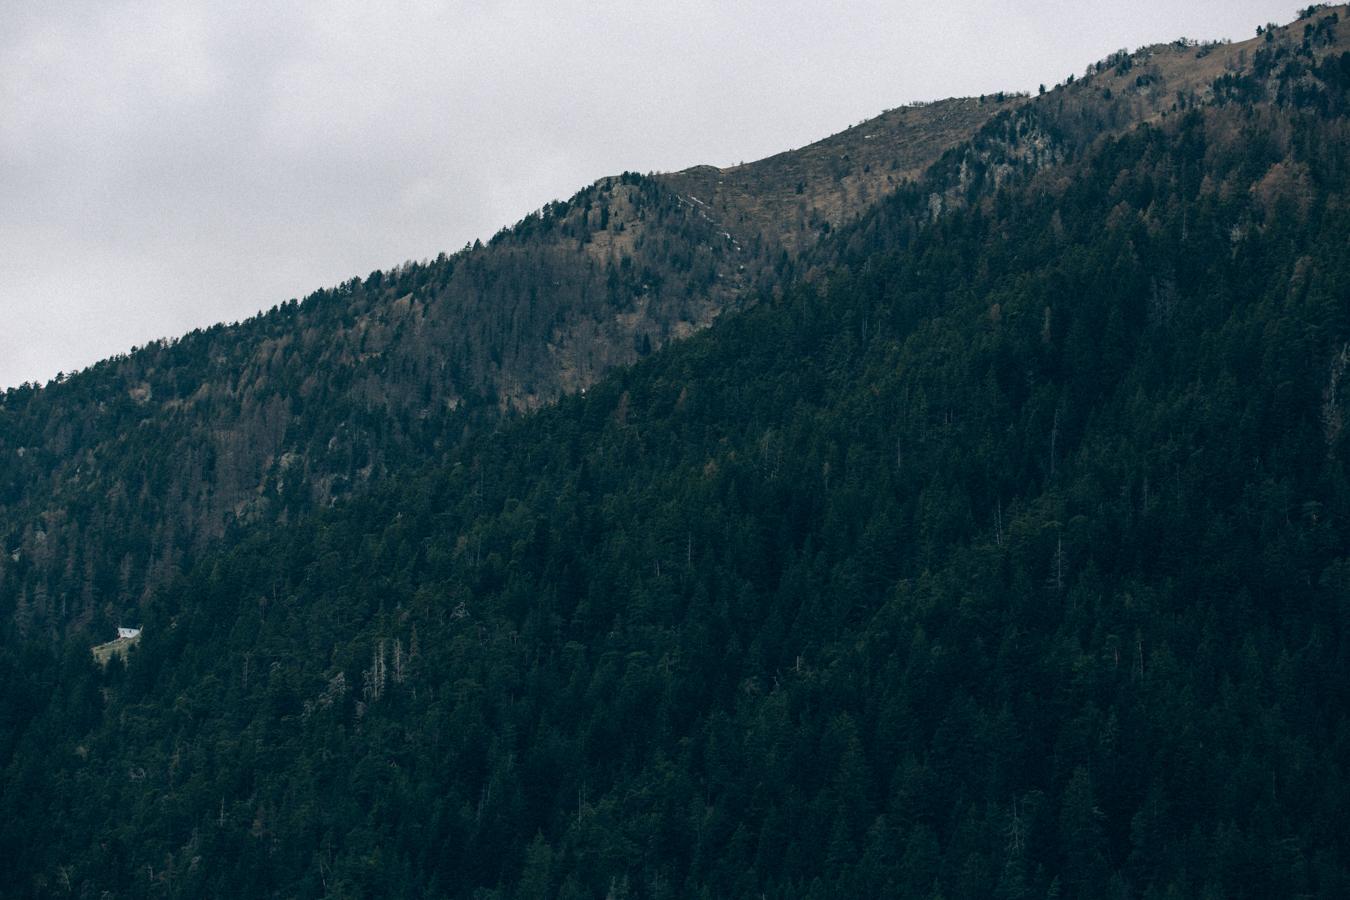 Une balade à deux en forêt, une-seance-engagement-en-foret-ingrid-lepan-photographe-1